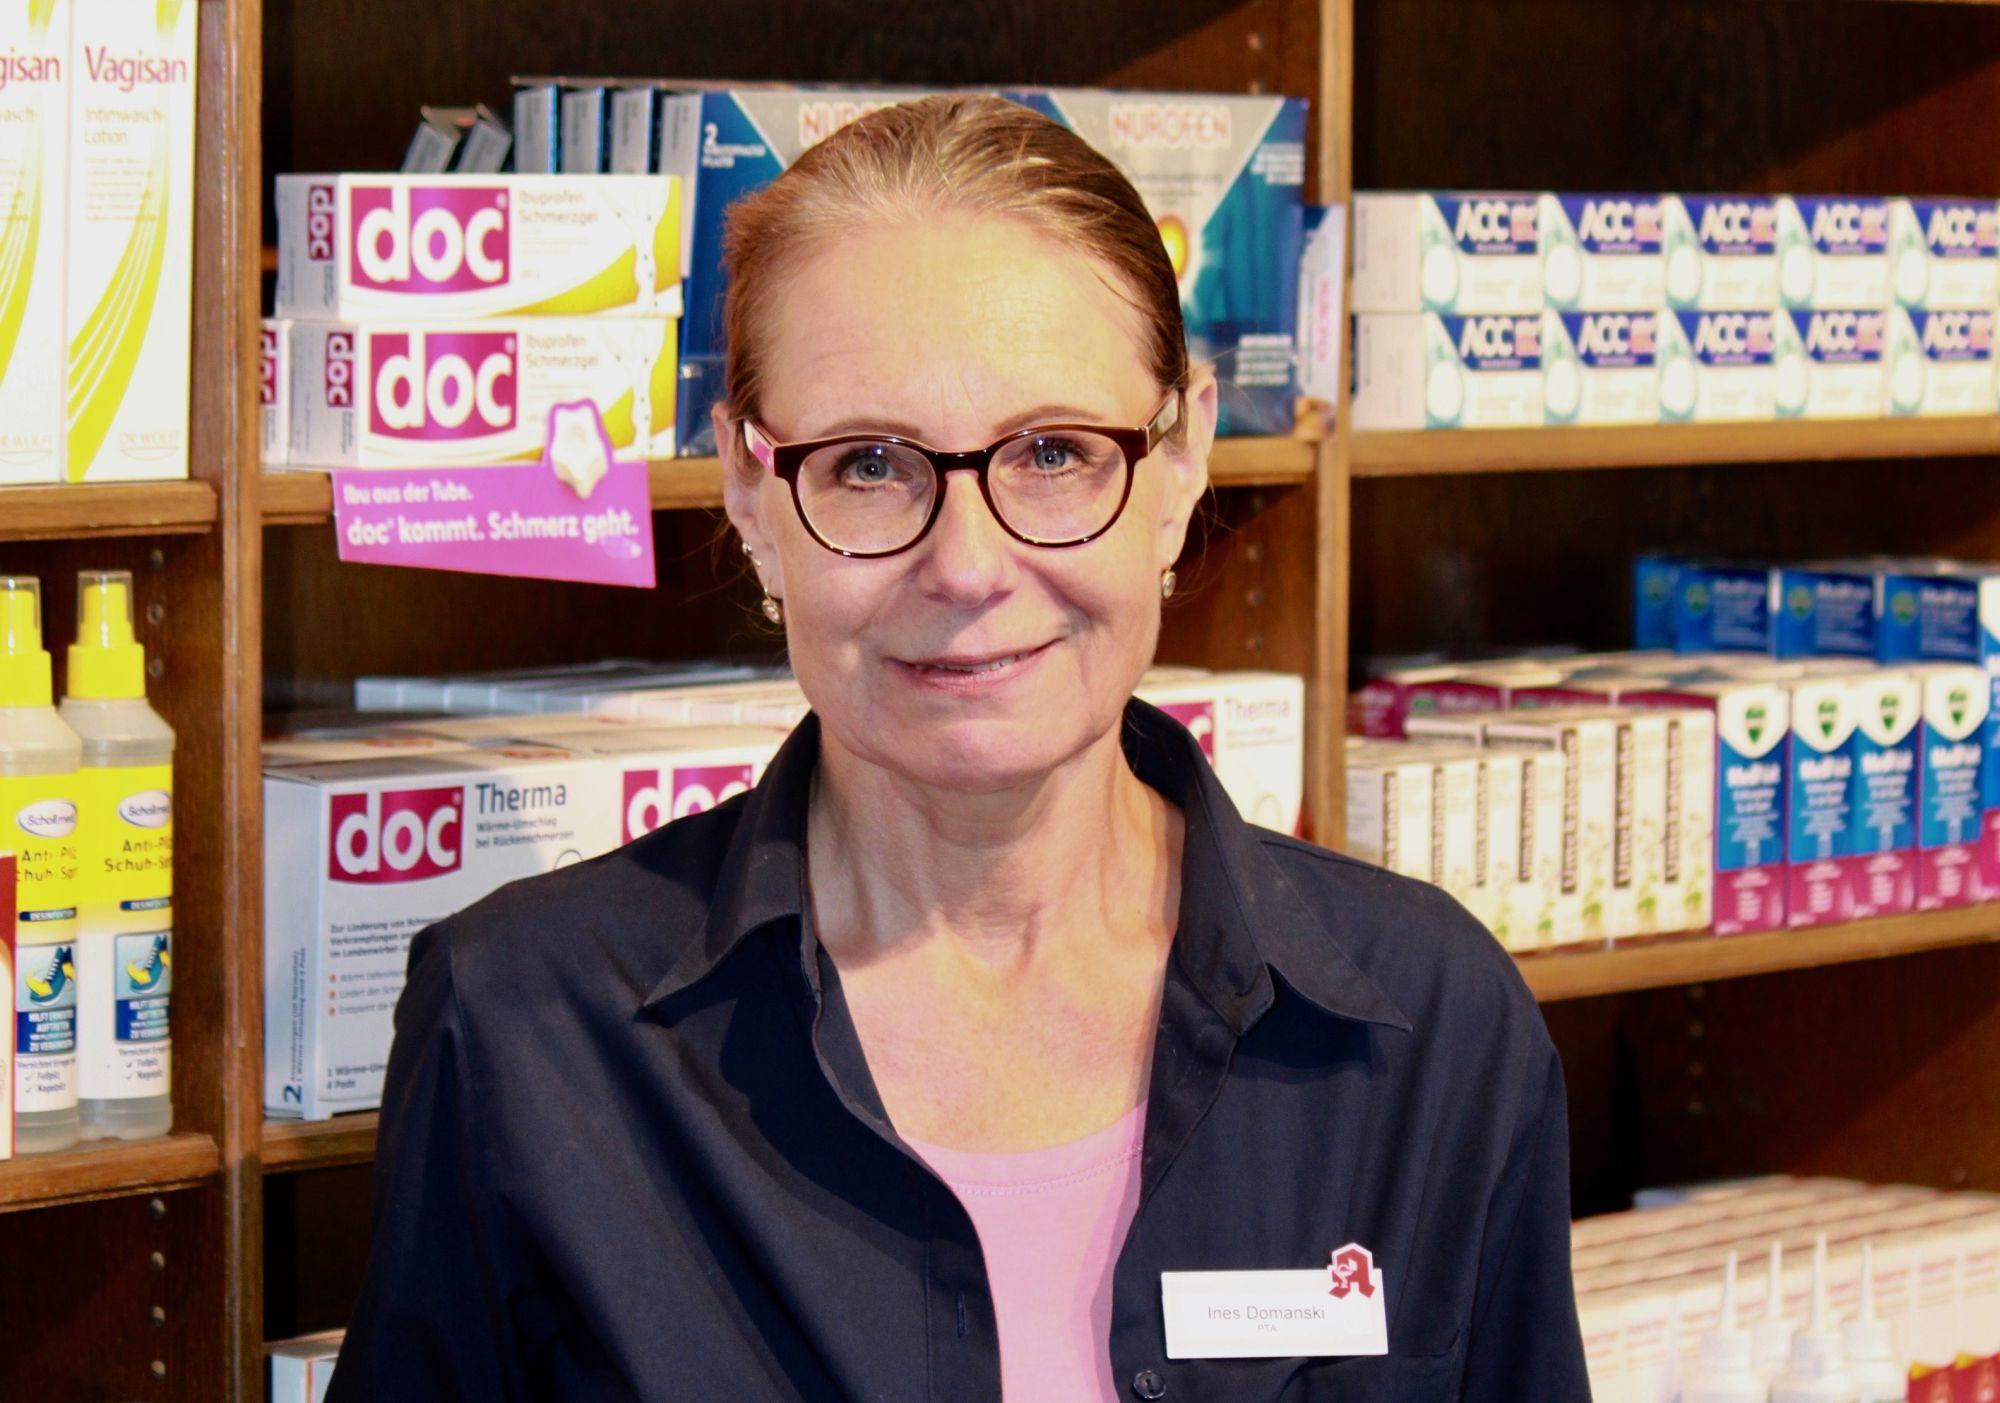 Ines Domanski